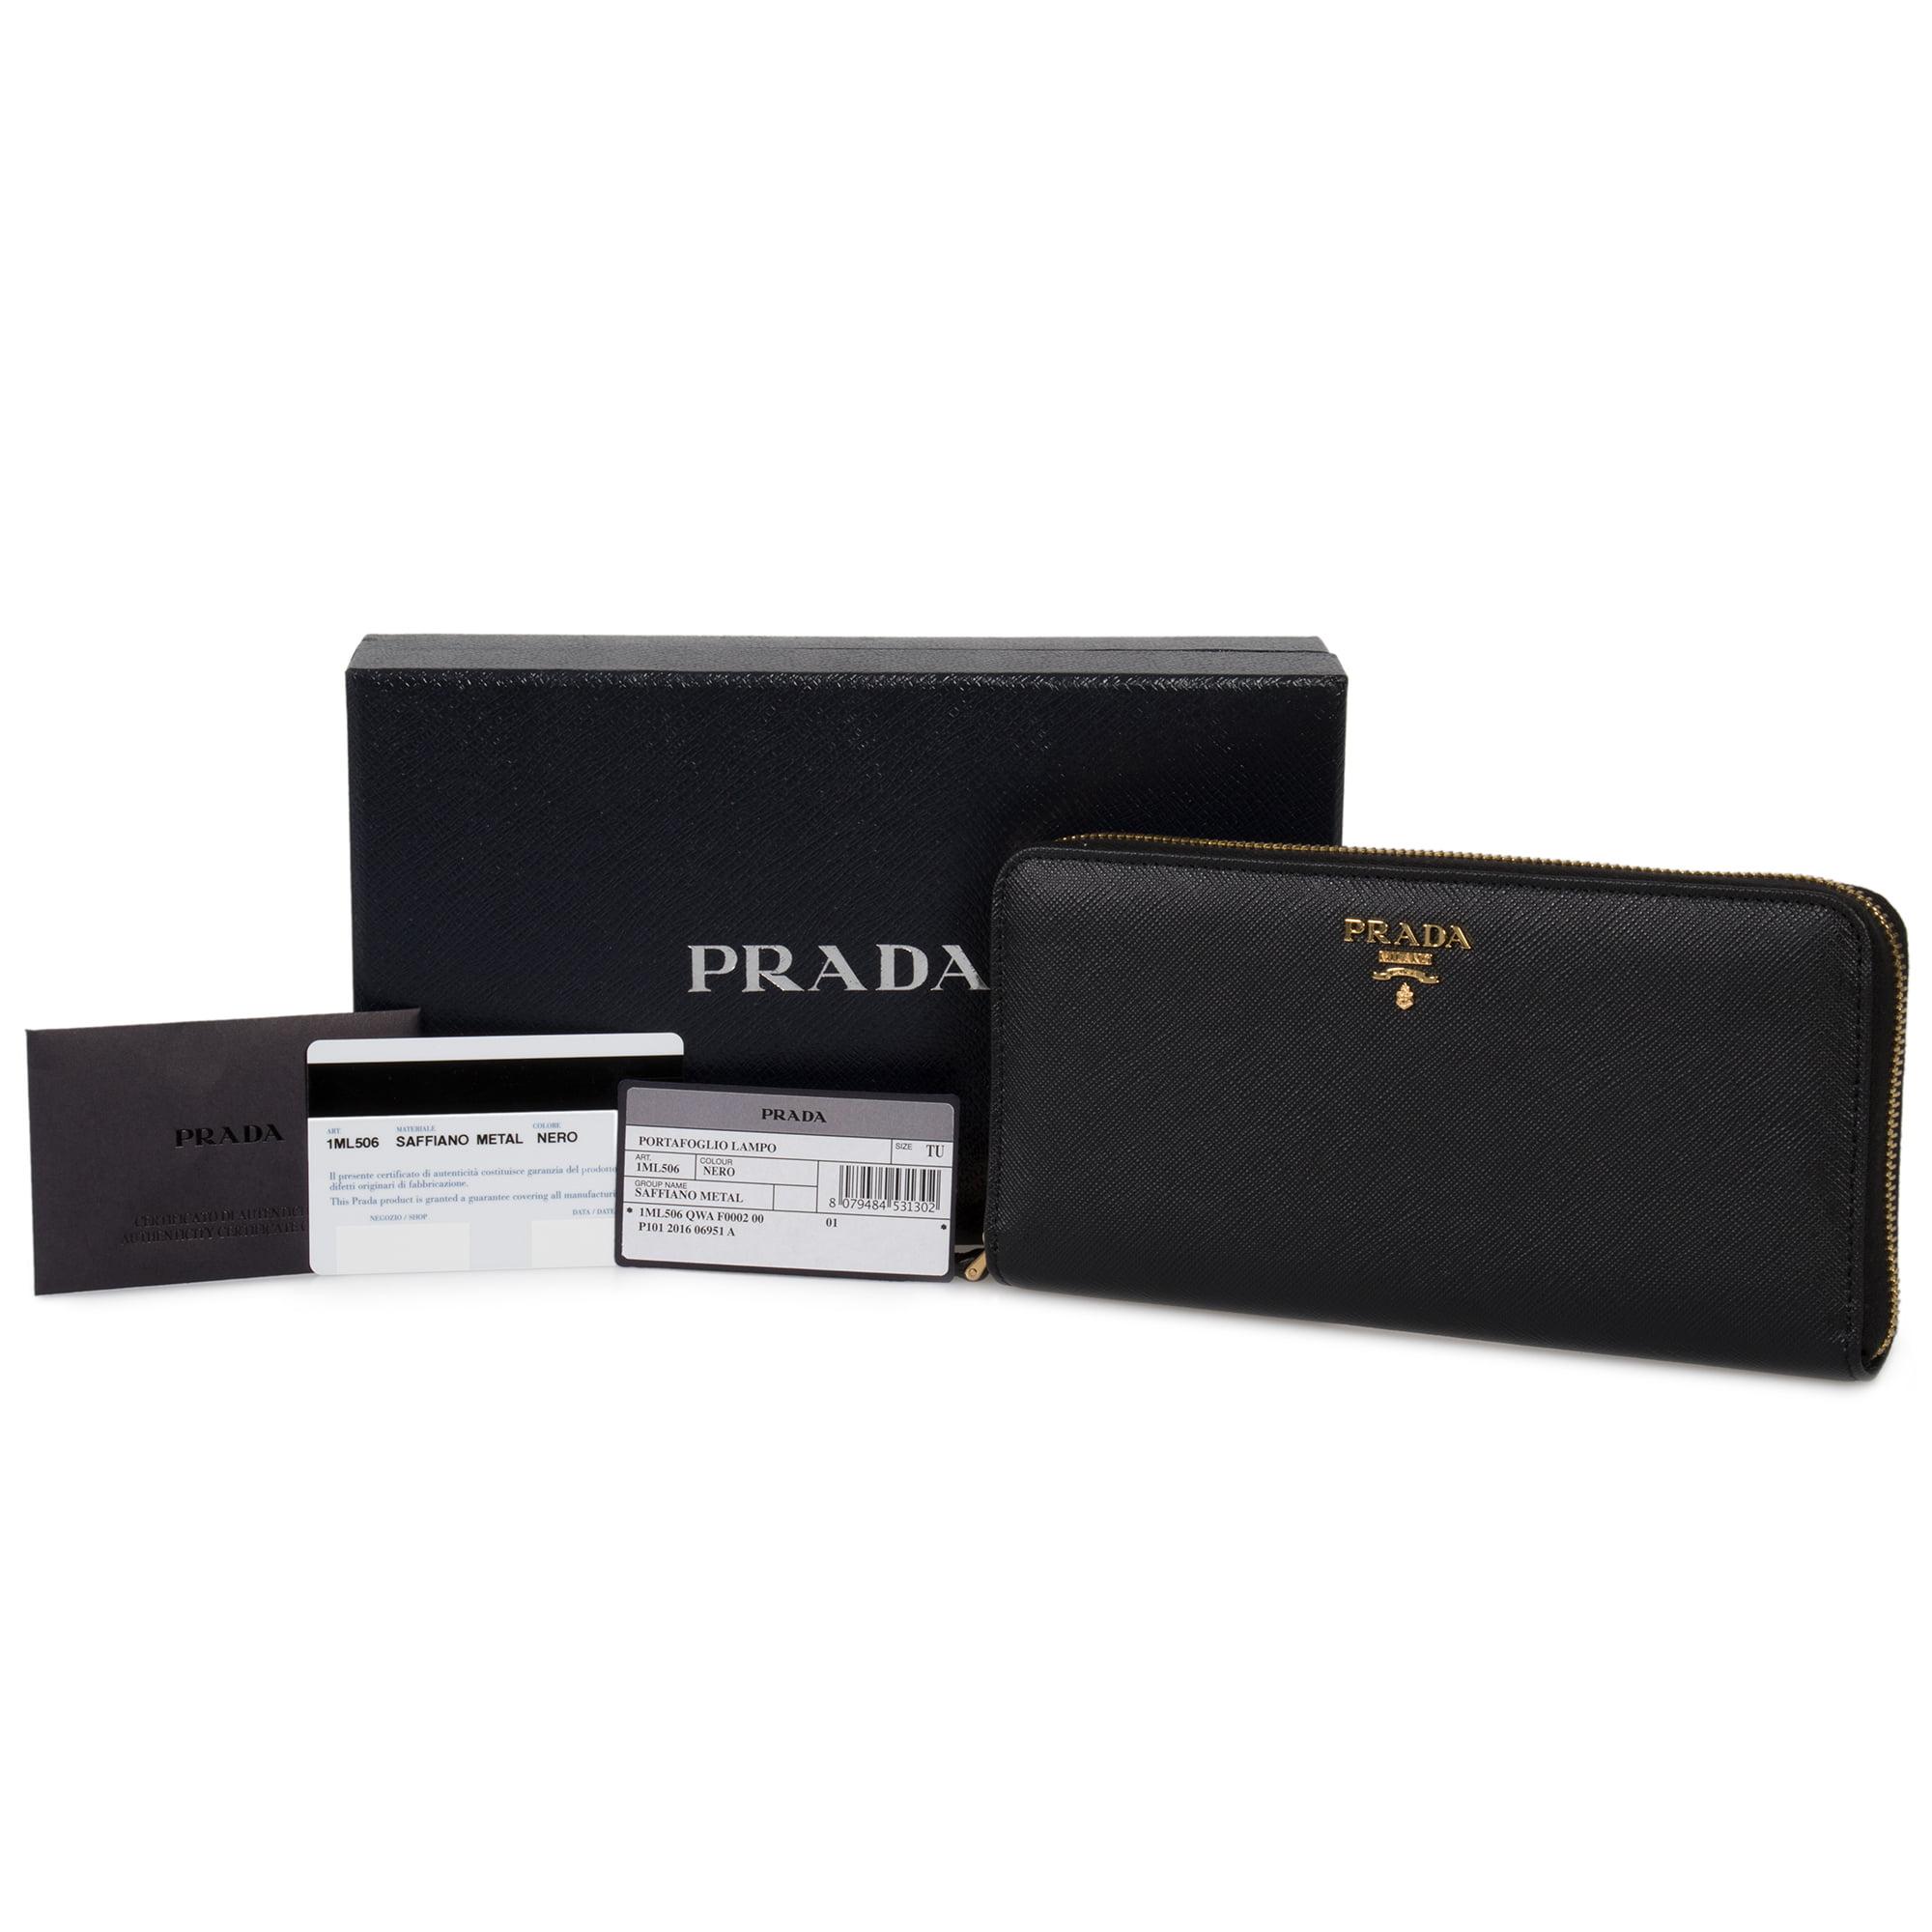 e190586692d6 Prada - Prada Black Saffiano Leather Zip-Up Wallet 1ML506 QWA F0002 -  Walmart.com